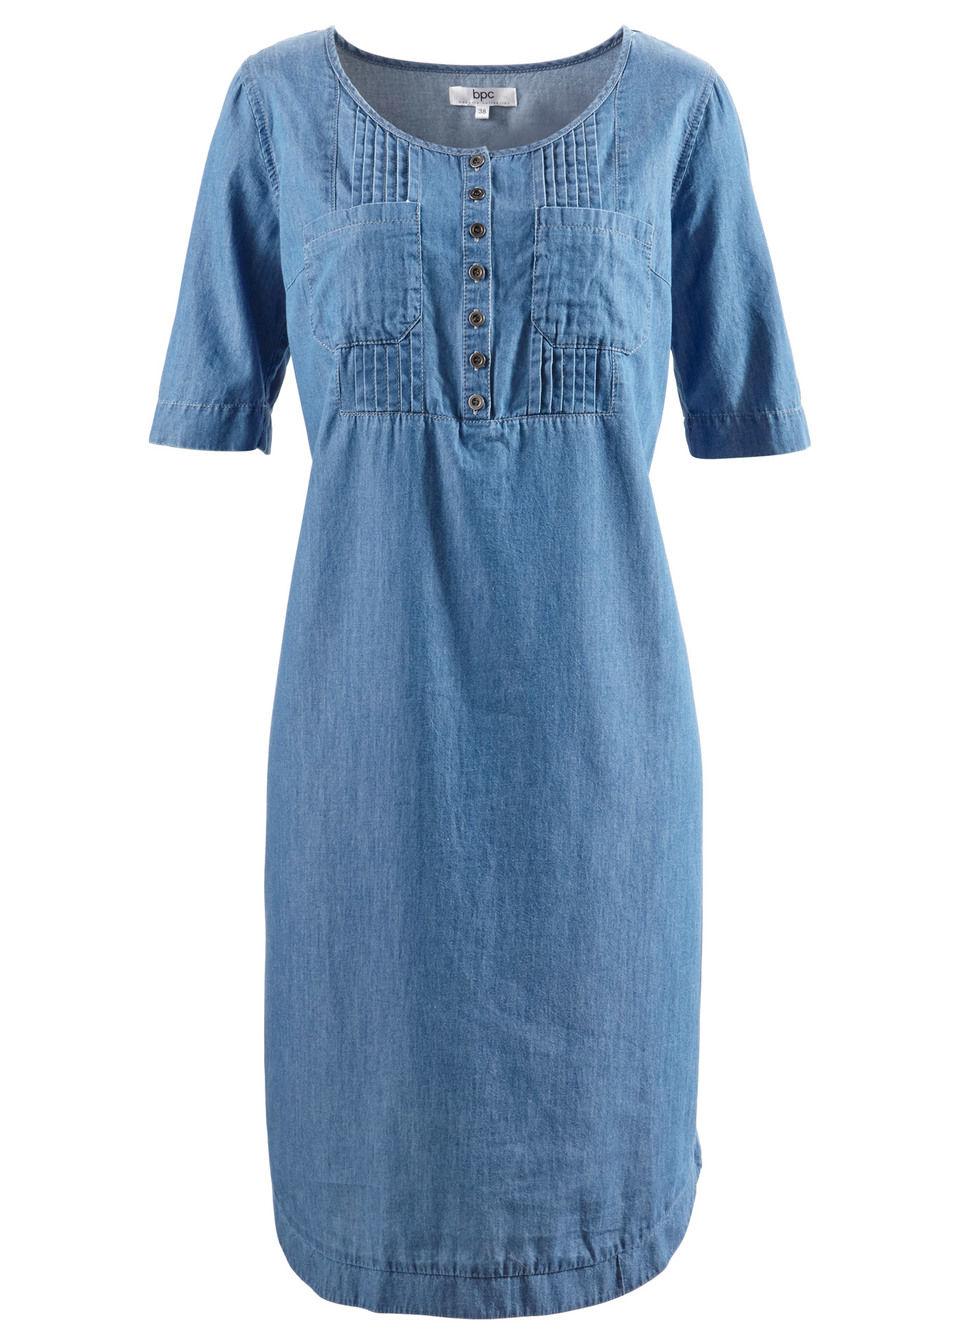 Купить Джинсовое платье с коротким рукавом, bonprix, синий «потертый»